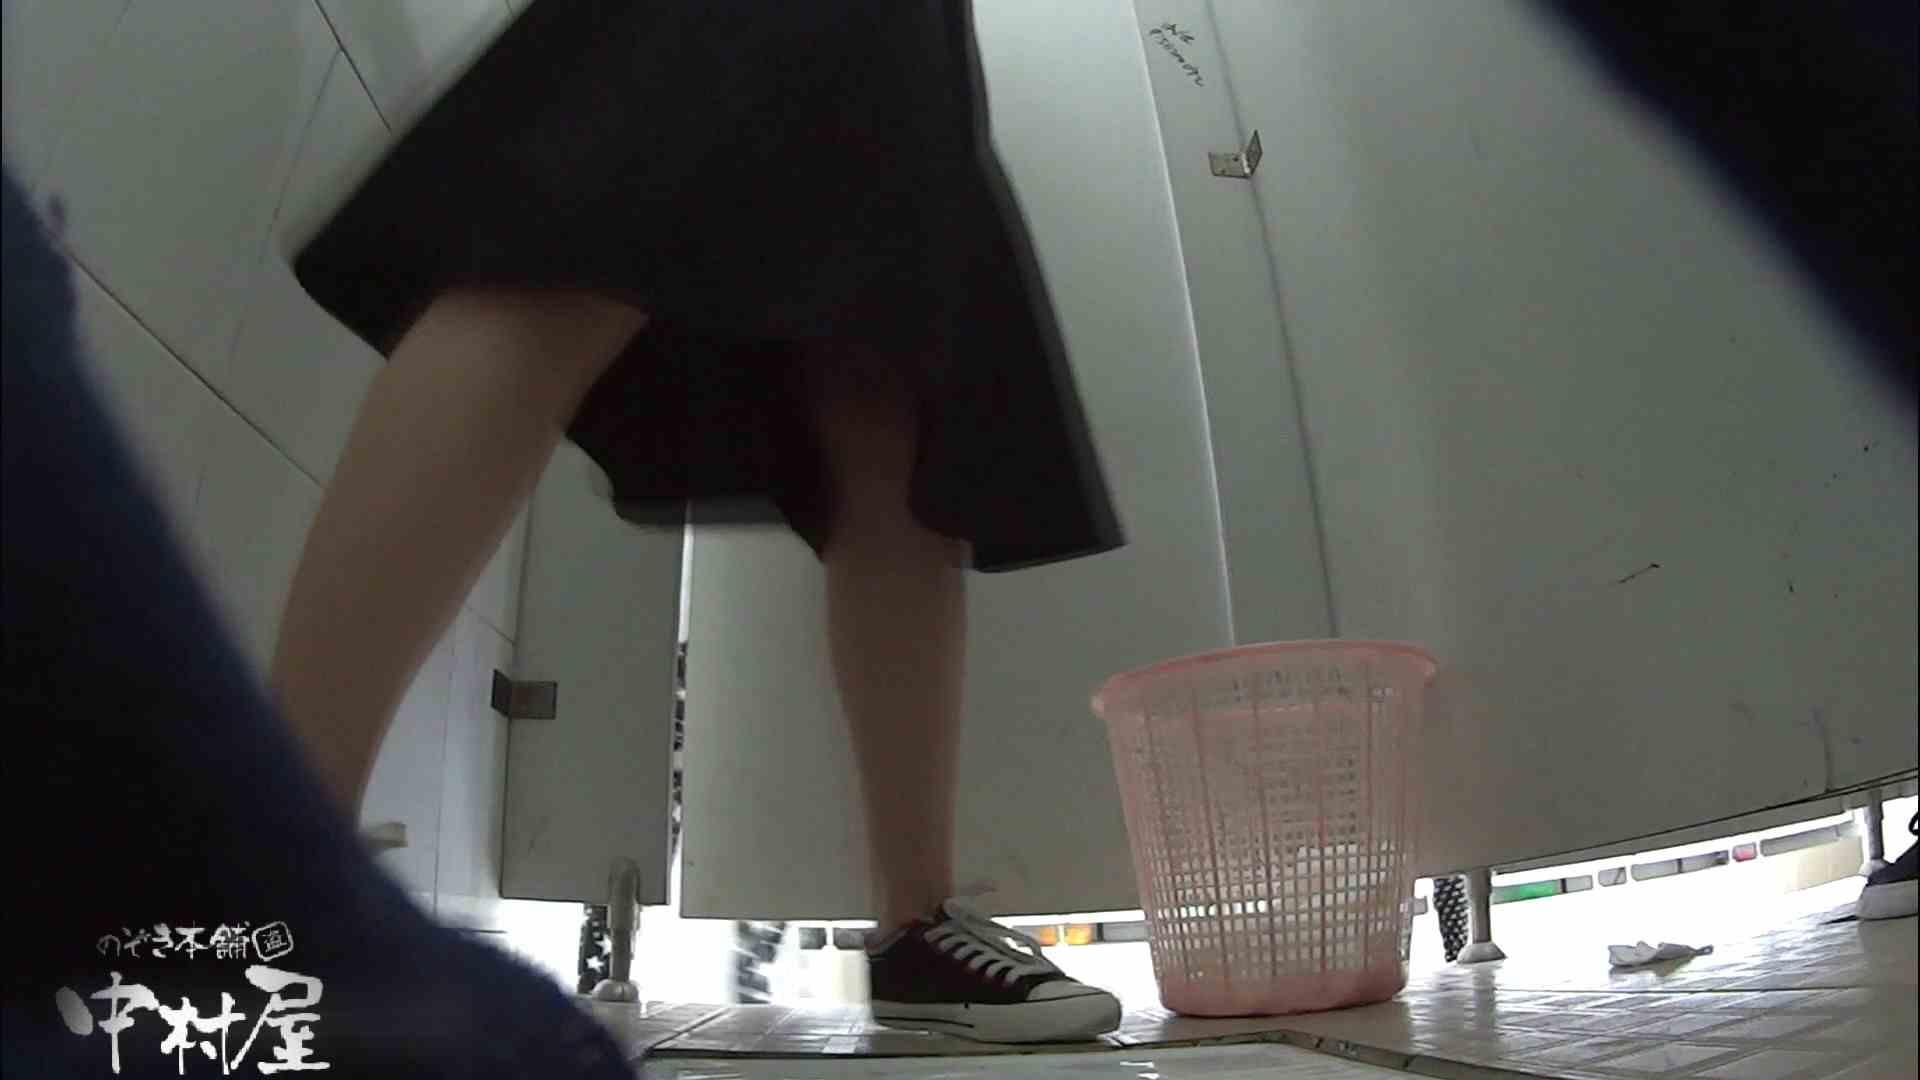 名大学休憩時間の洗面所事情01 盗撮師作品 盗み撮り動画キャプチャ 95pic 2